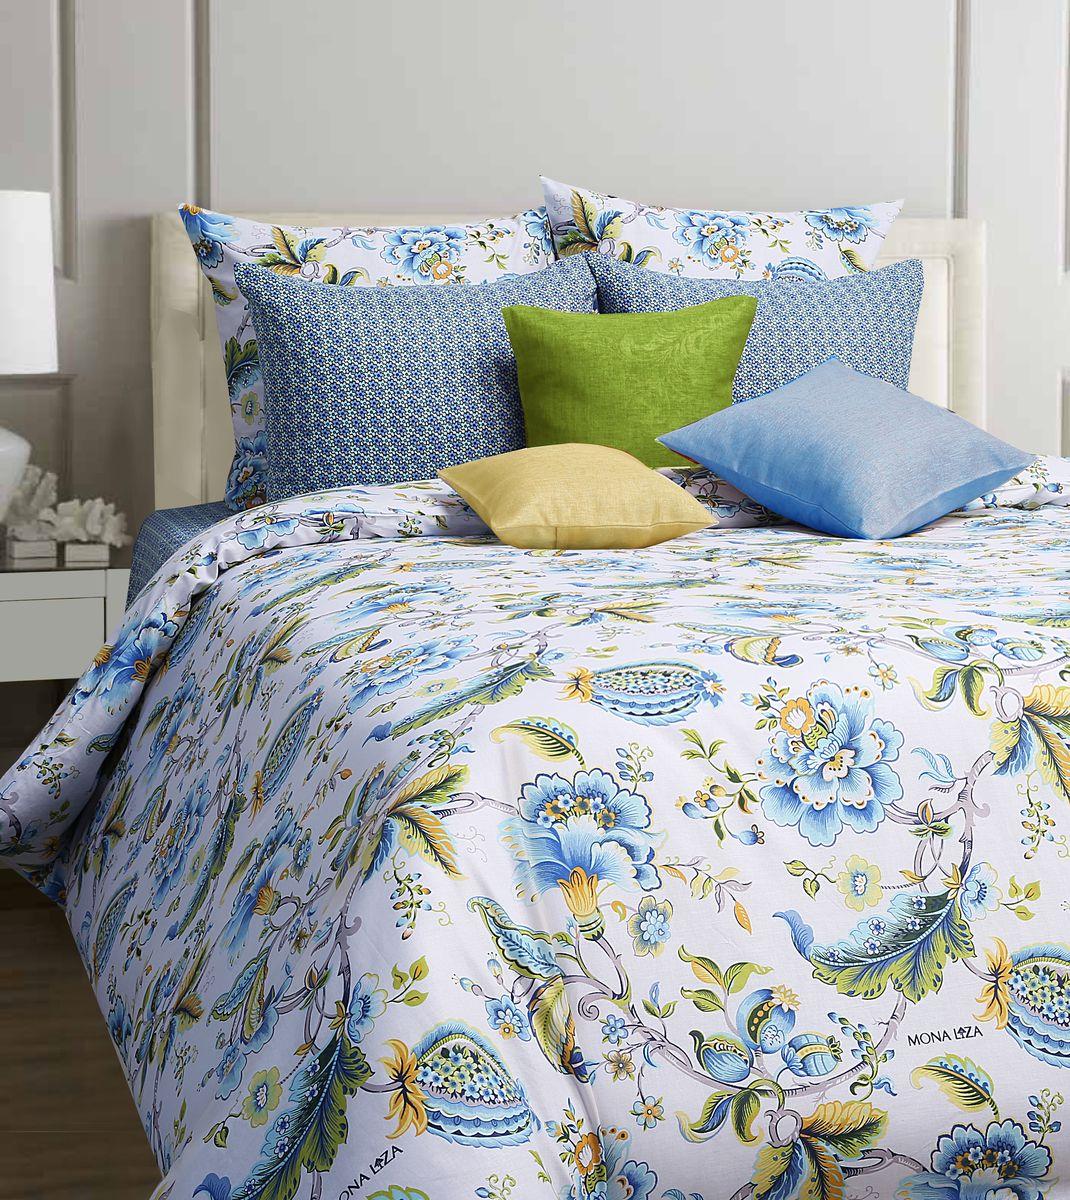 Комплект белья Mona Liza Nensy, 1,5-спальное, наволочки 70x70, цвет: белый, голубой551114/02Коллекция постельного белья MONA LIZA Classic поражает многообразием дизайнов. Среди них легко подобрать необходимый рисунок, который создаст в доме уют. Комплекты выполнены из бязи 100 % хлопка.